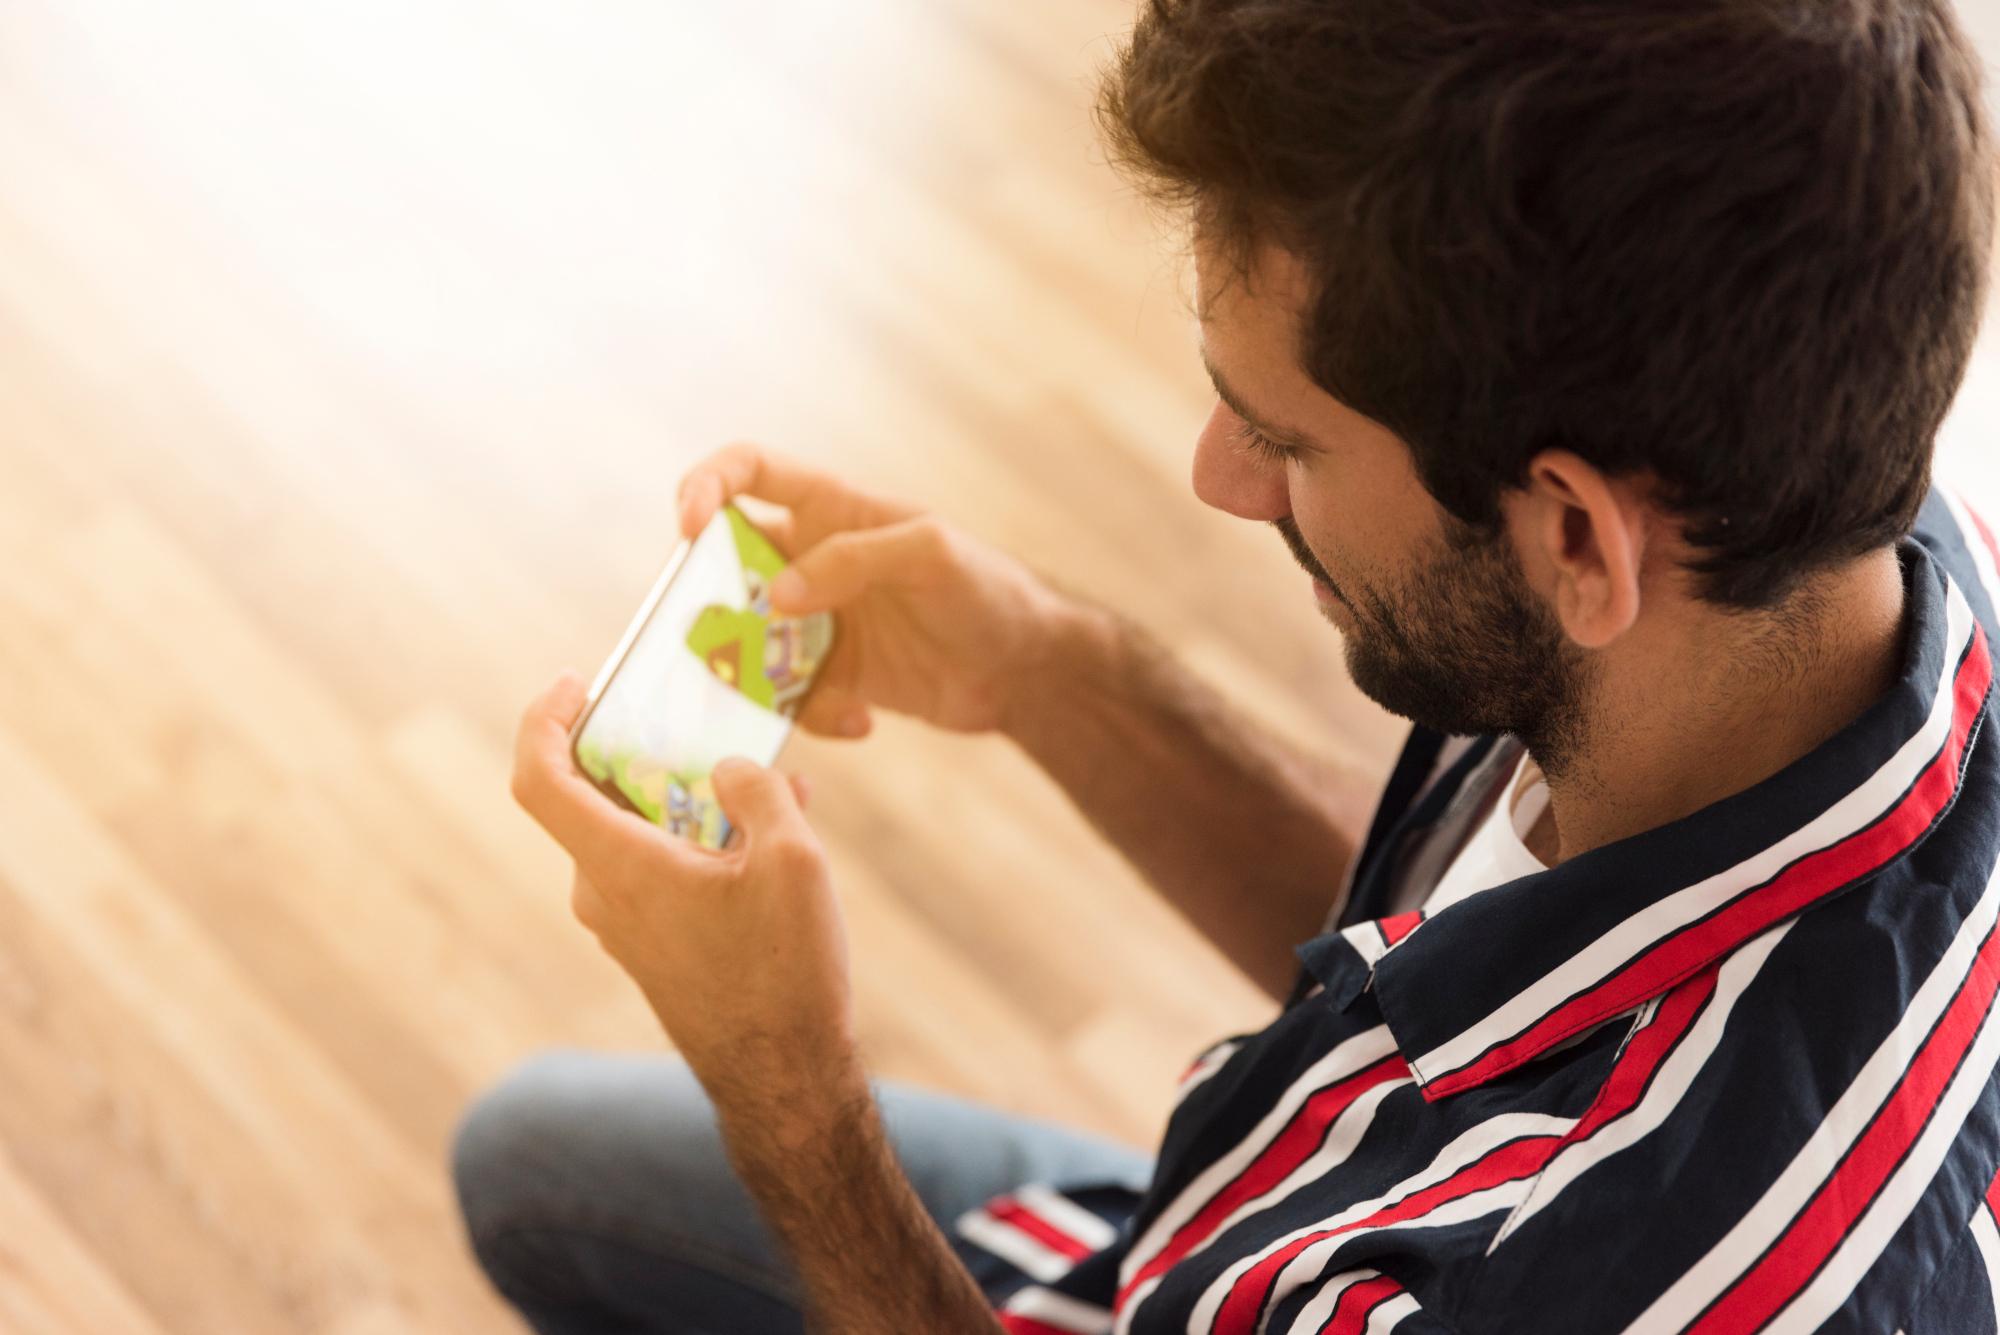 Jogar online no Brasil é 'aceitável' segundo pesquisa da Opensignal